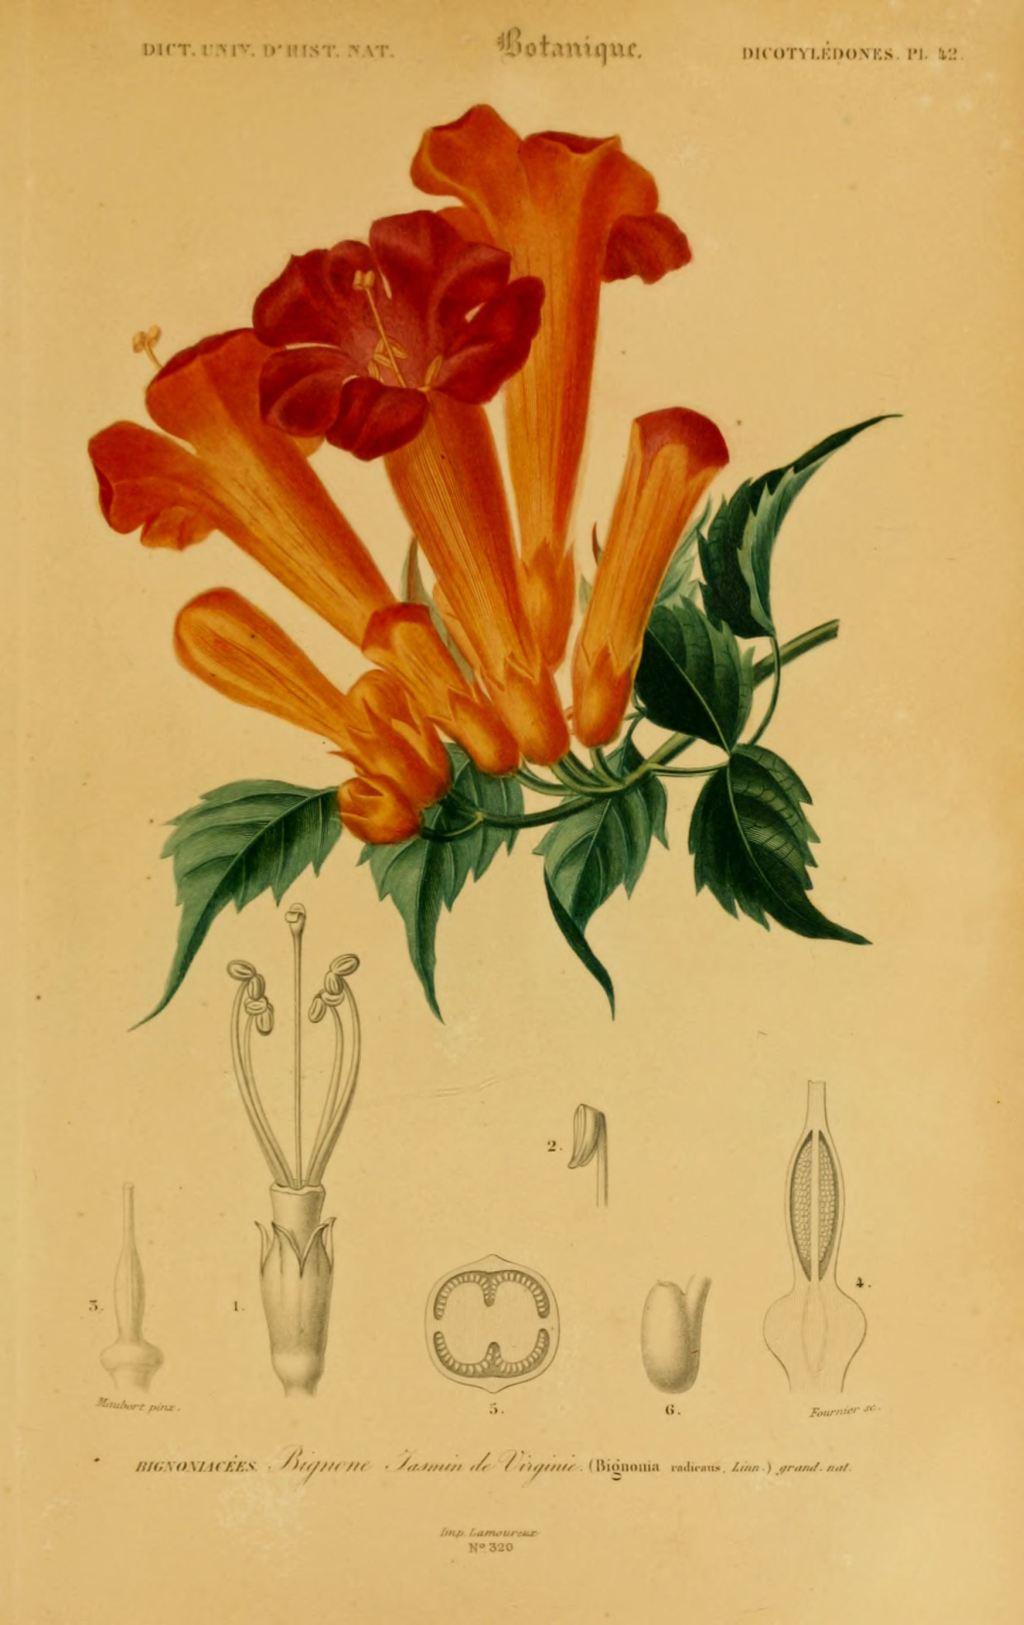 gravures couleur de fleurs - gravure de fleur 0193 bignone jasmin de